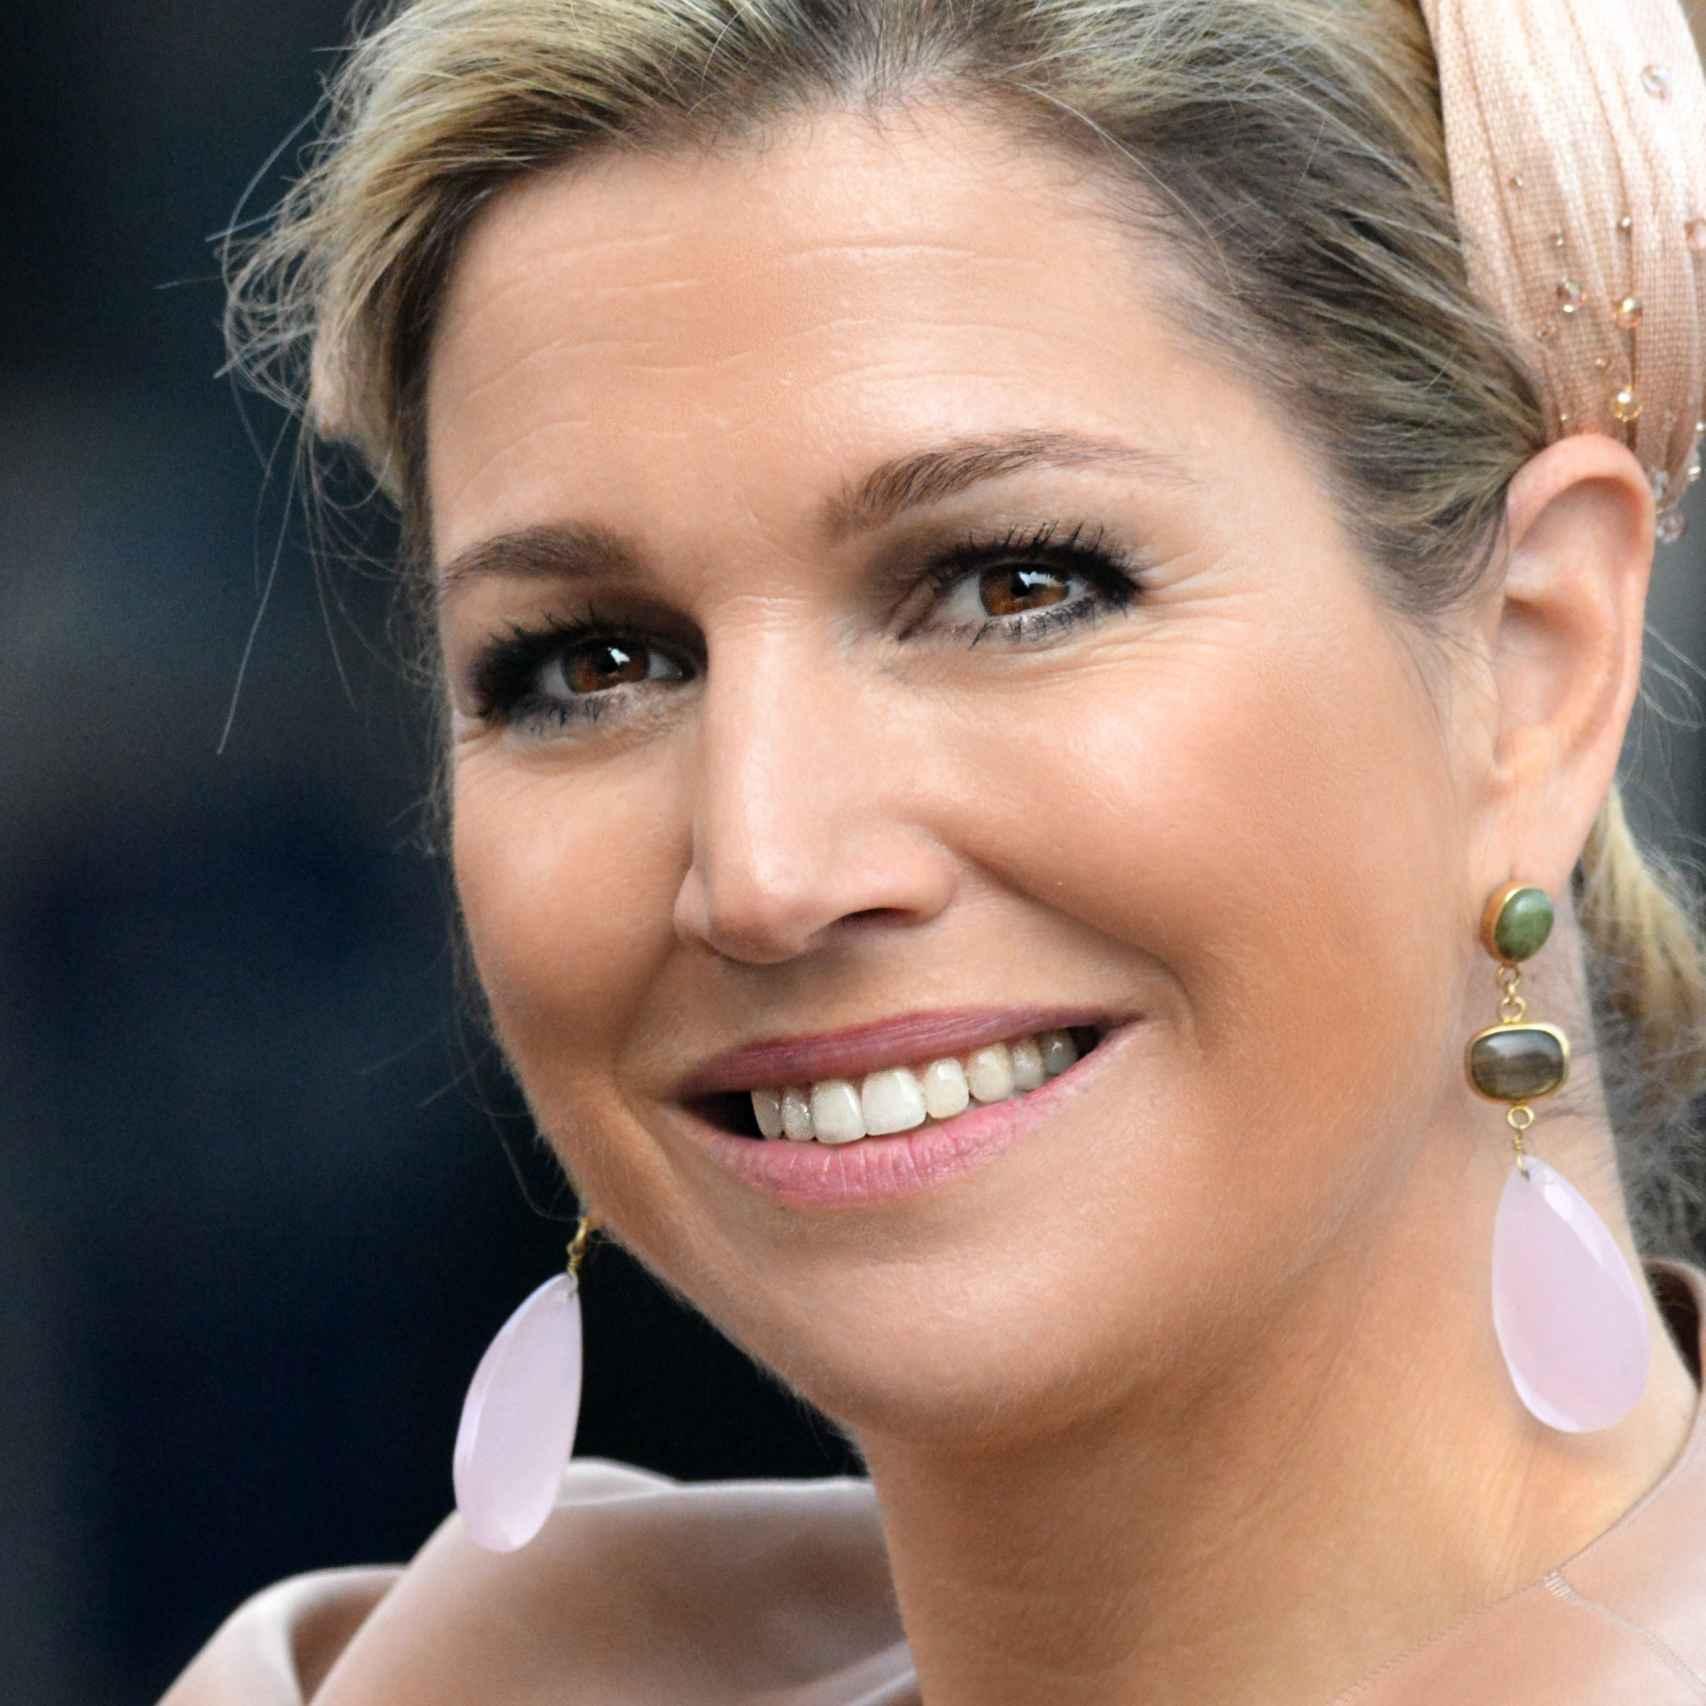 La reina Máxima de Holanda siempre muestra una gran sonrisa